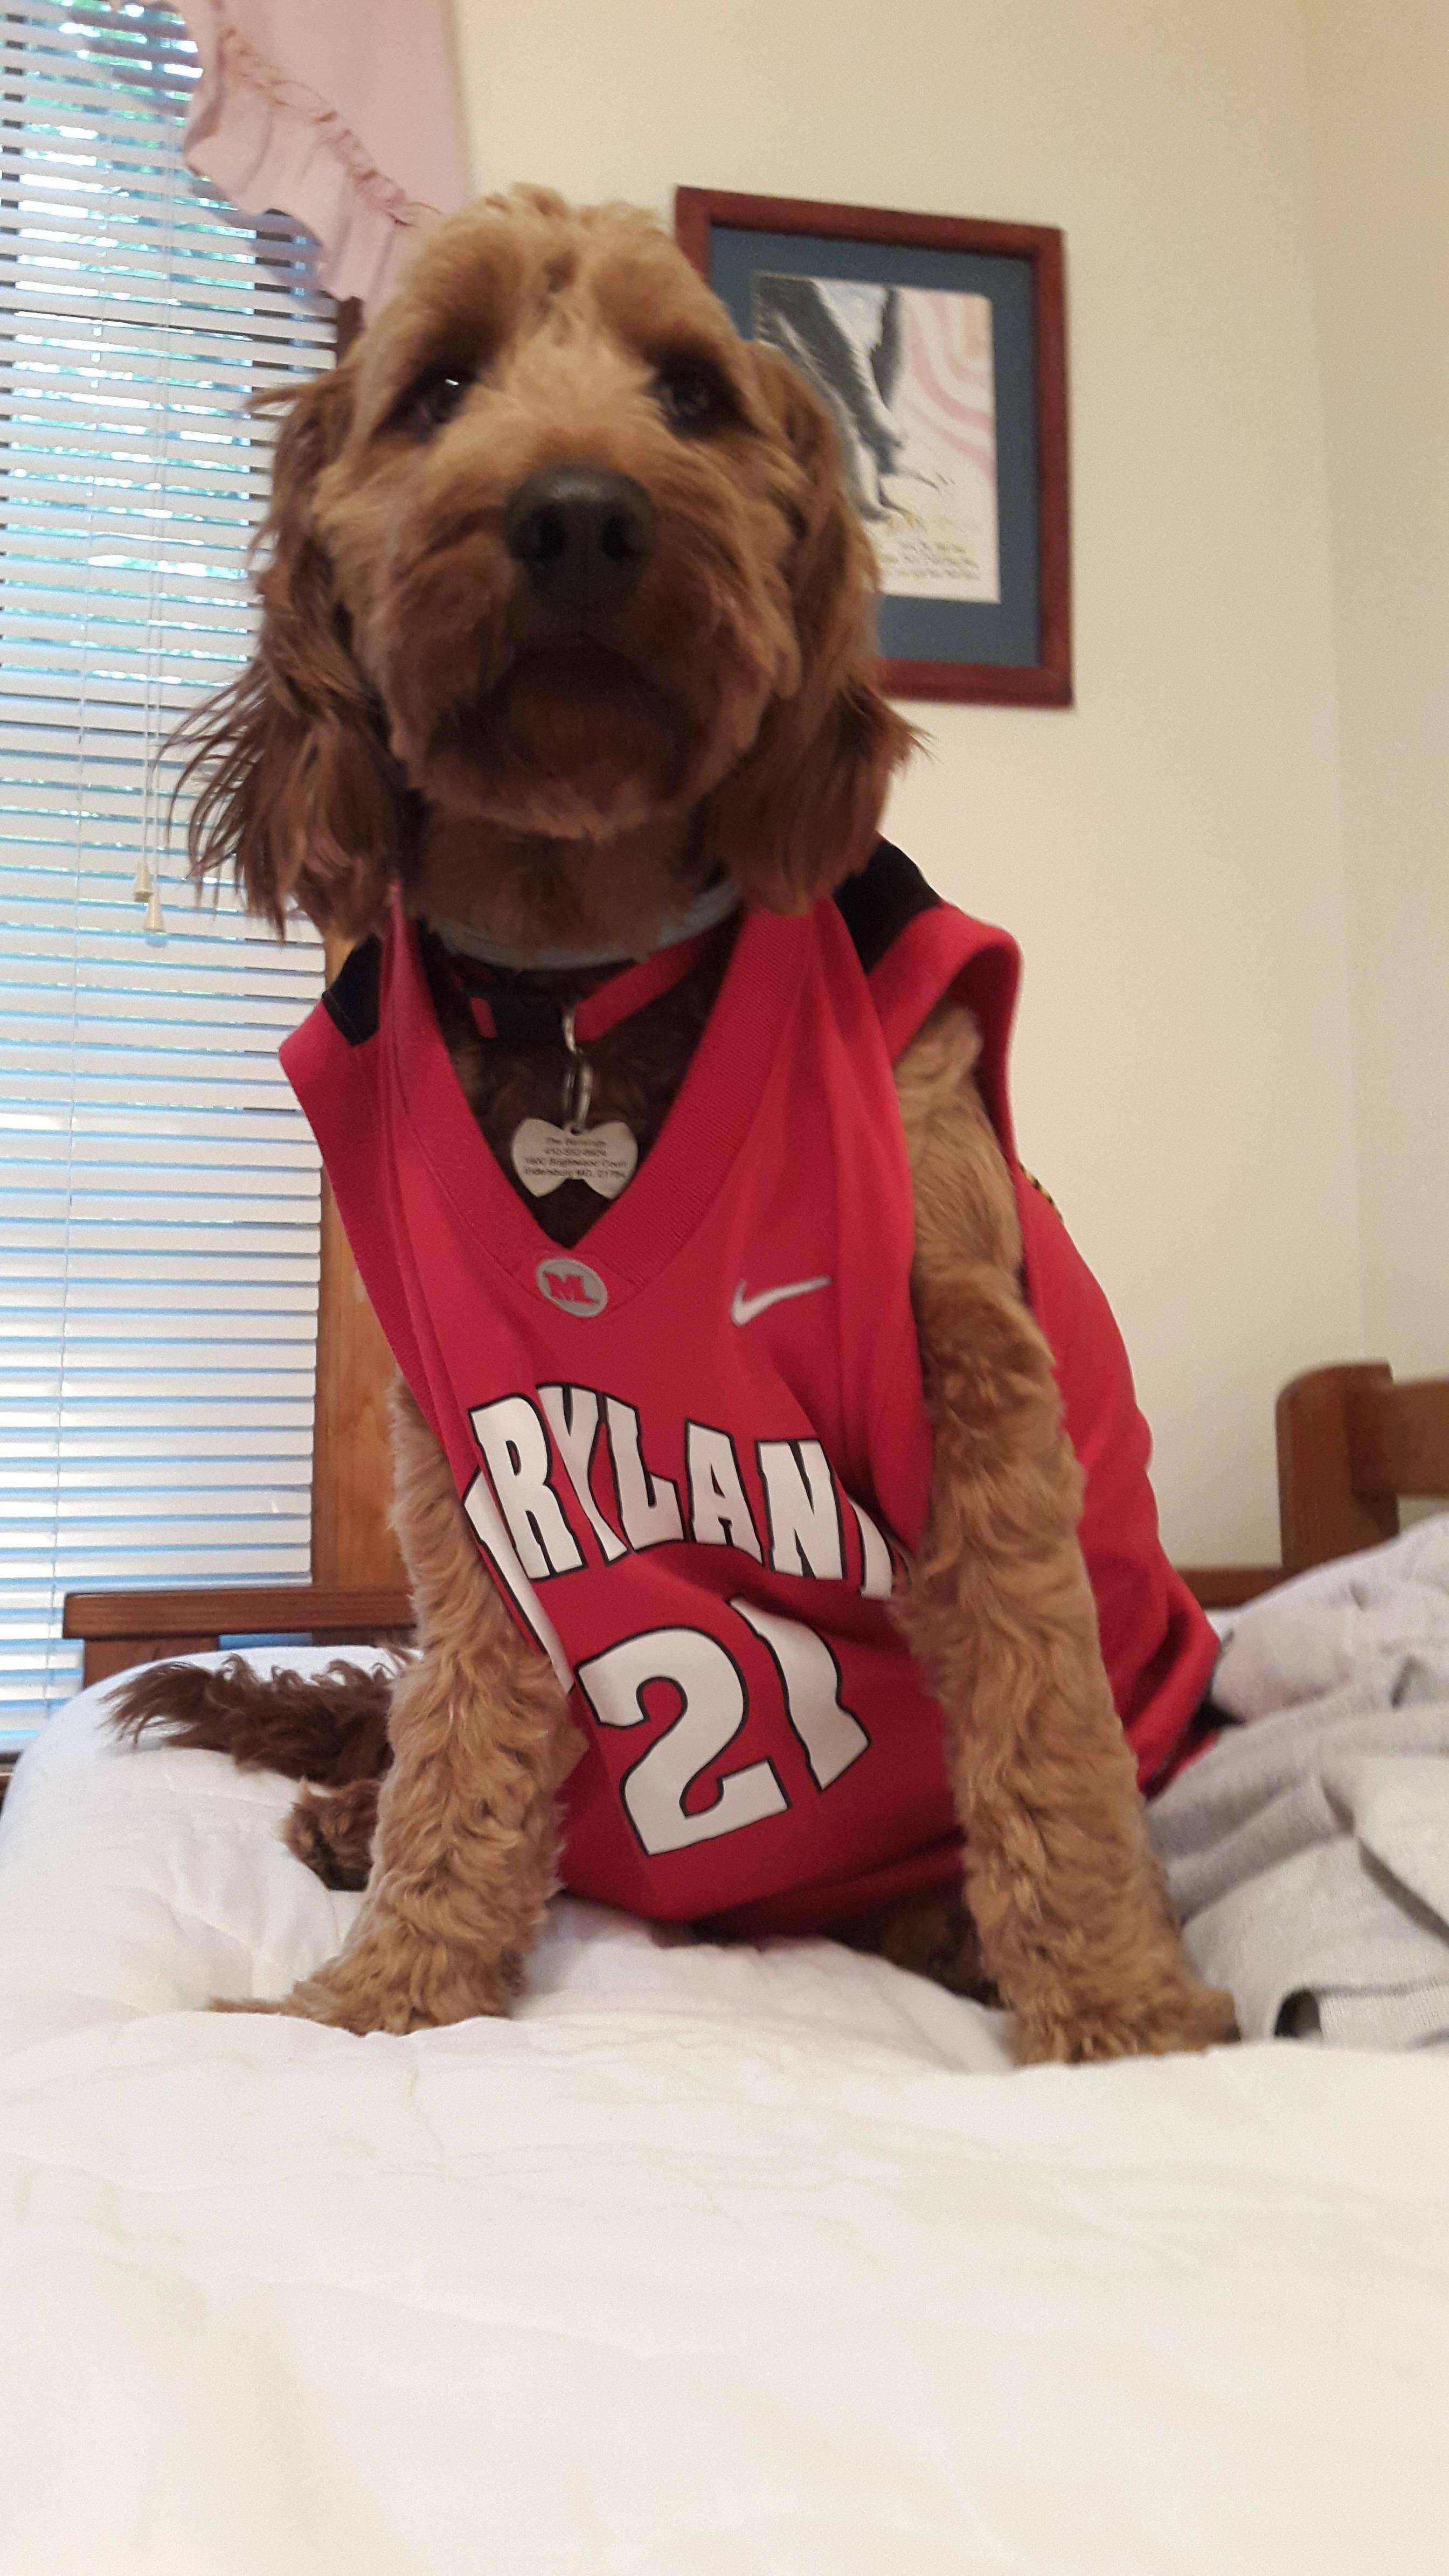 Basketball pup iftqcwr cute uc pinterest pup